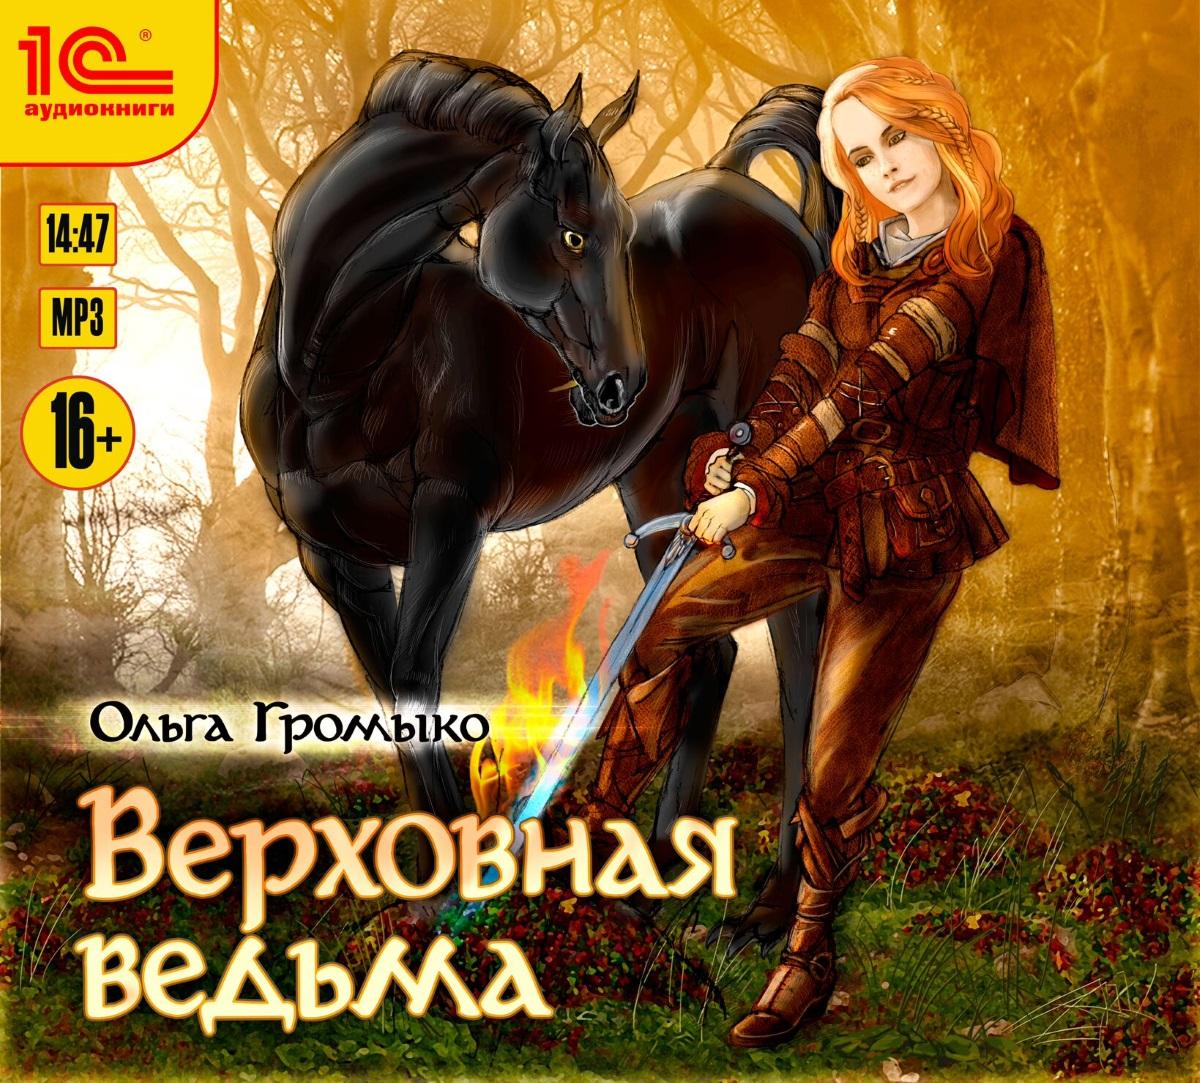 Ольга Громыко Верховная ведьма (цифровая версия) (Цифровая версия)